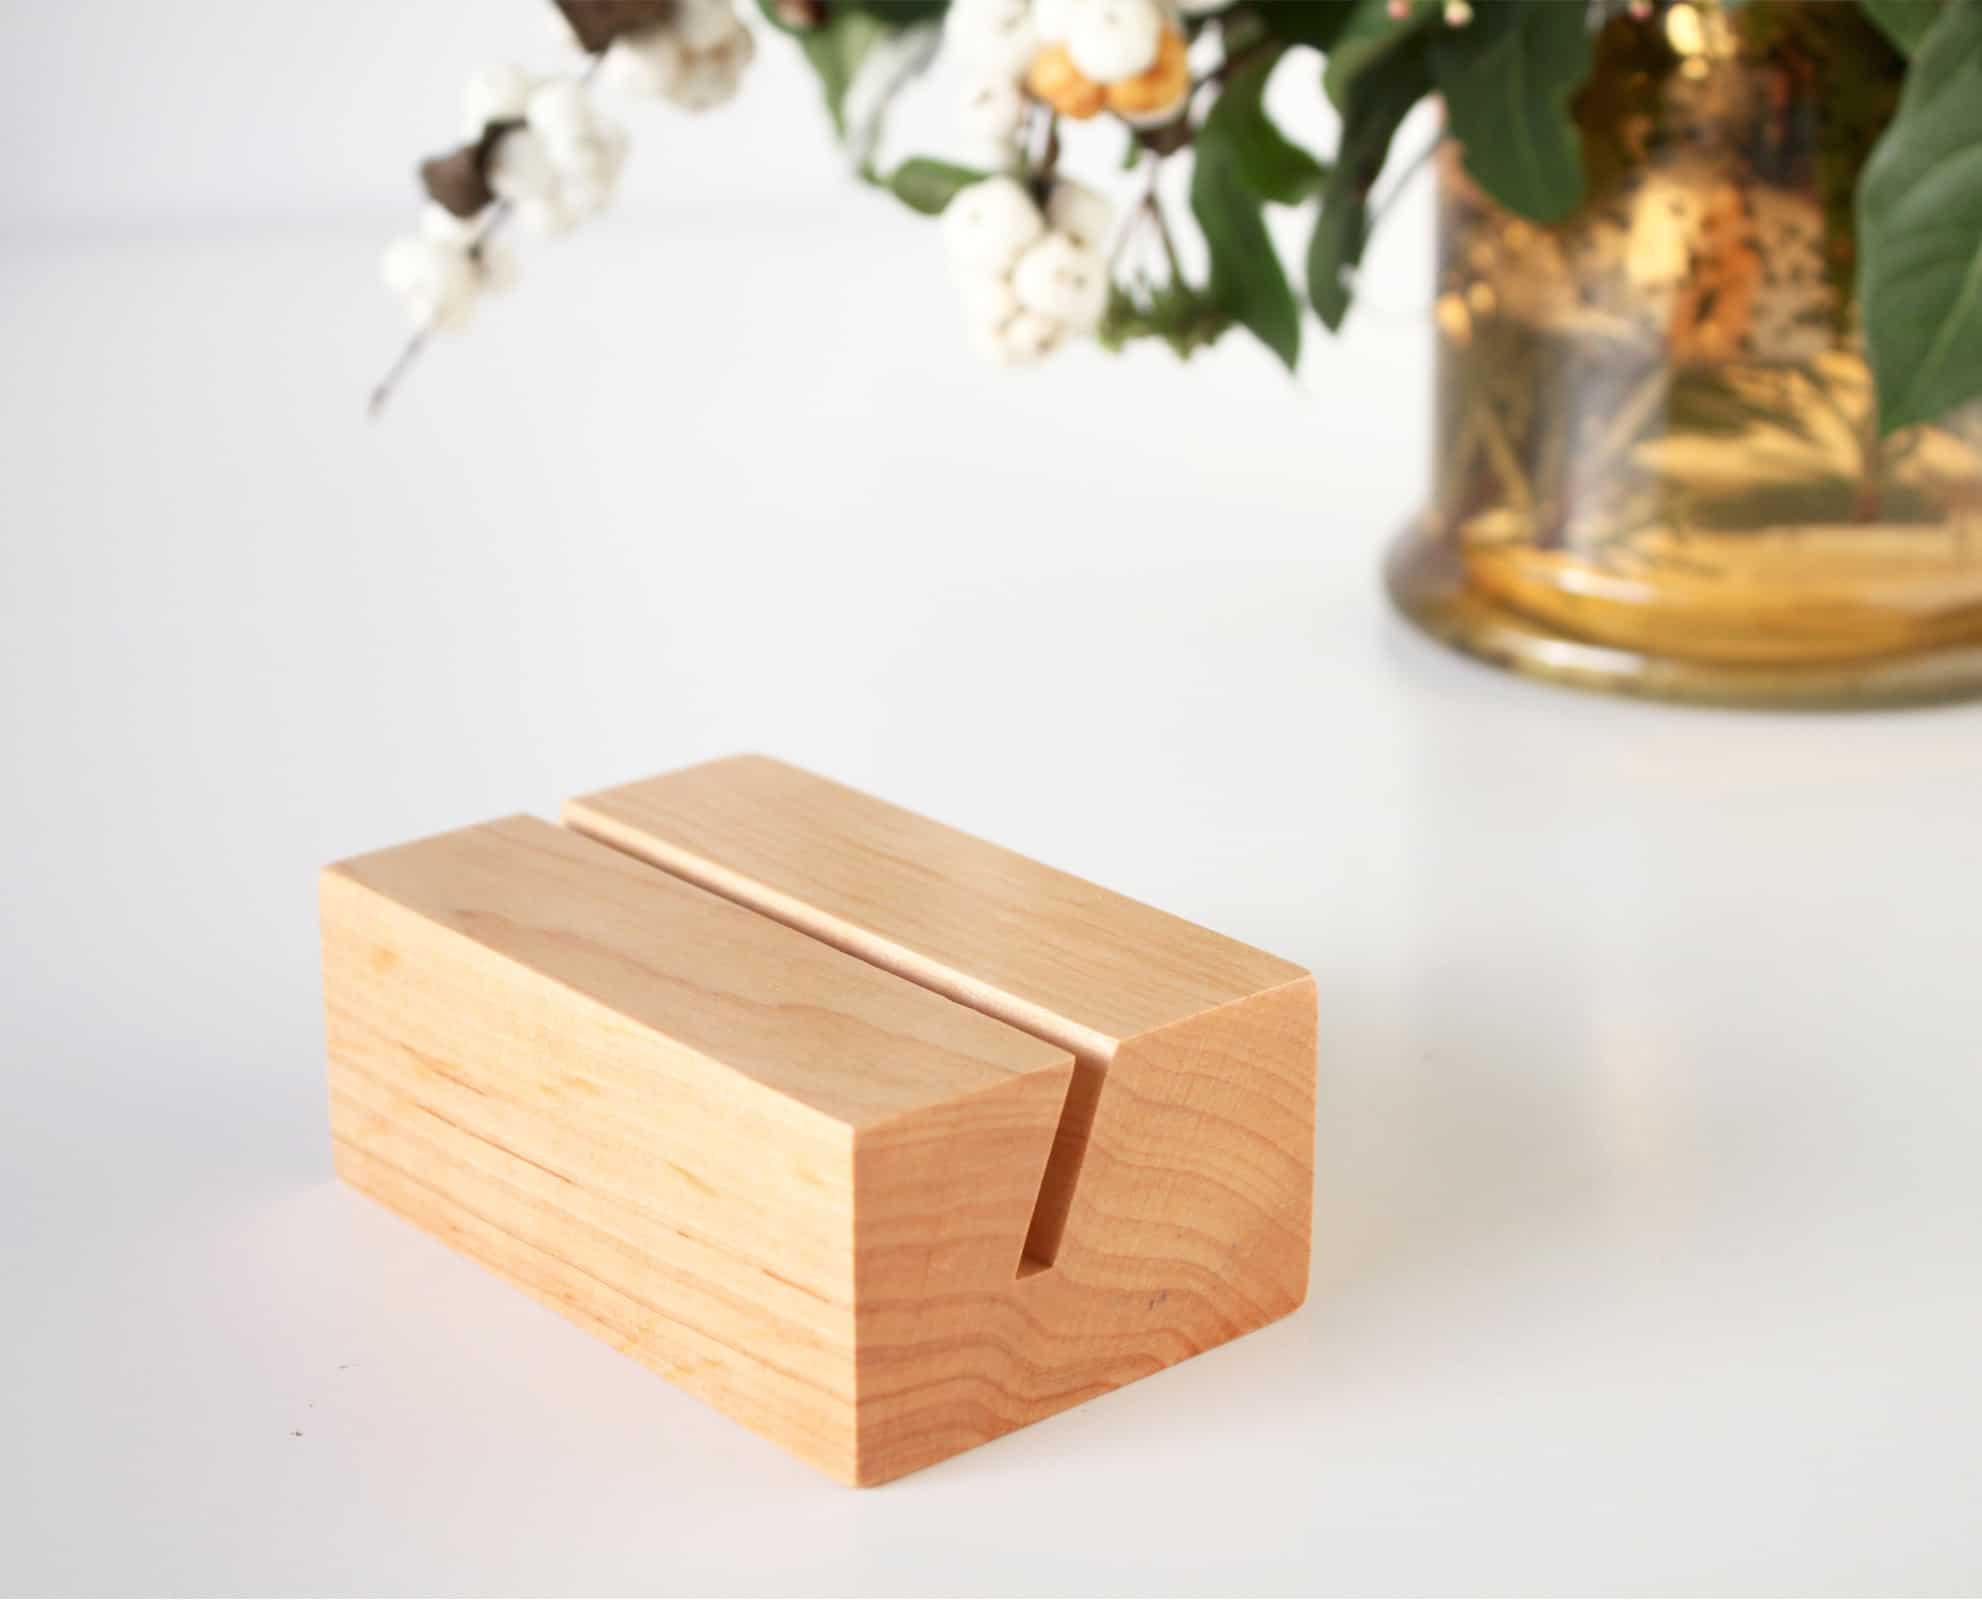 Minimalistyczna drewniana podstawka na zdjęcia i wydruki